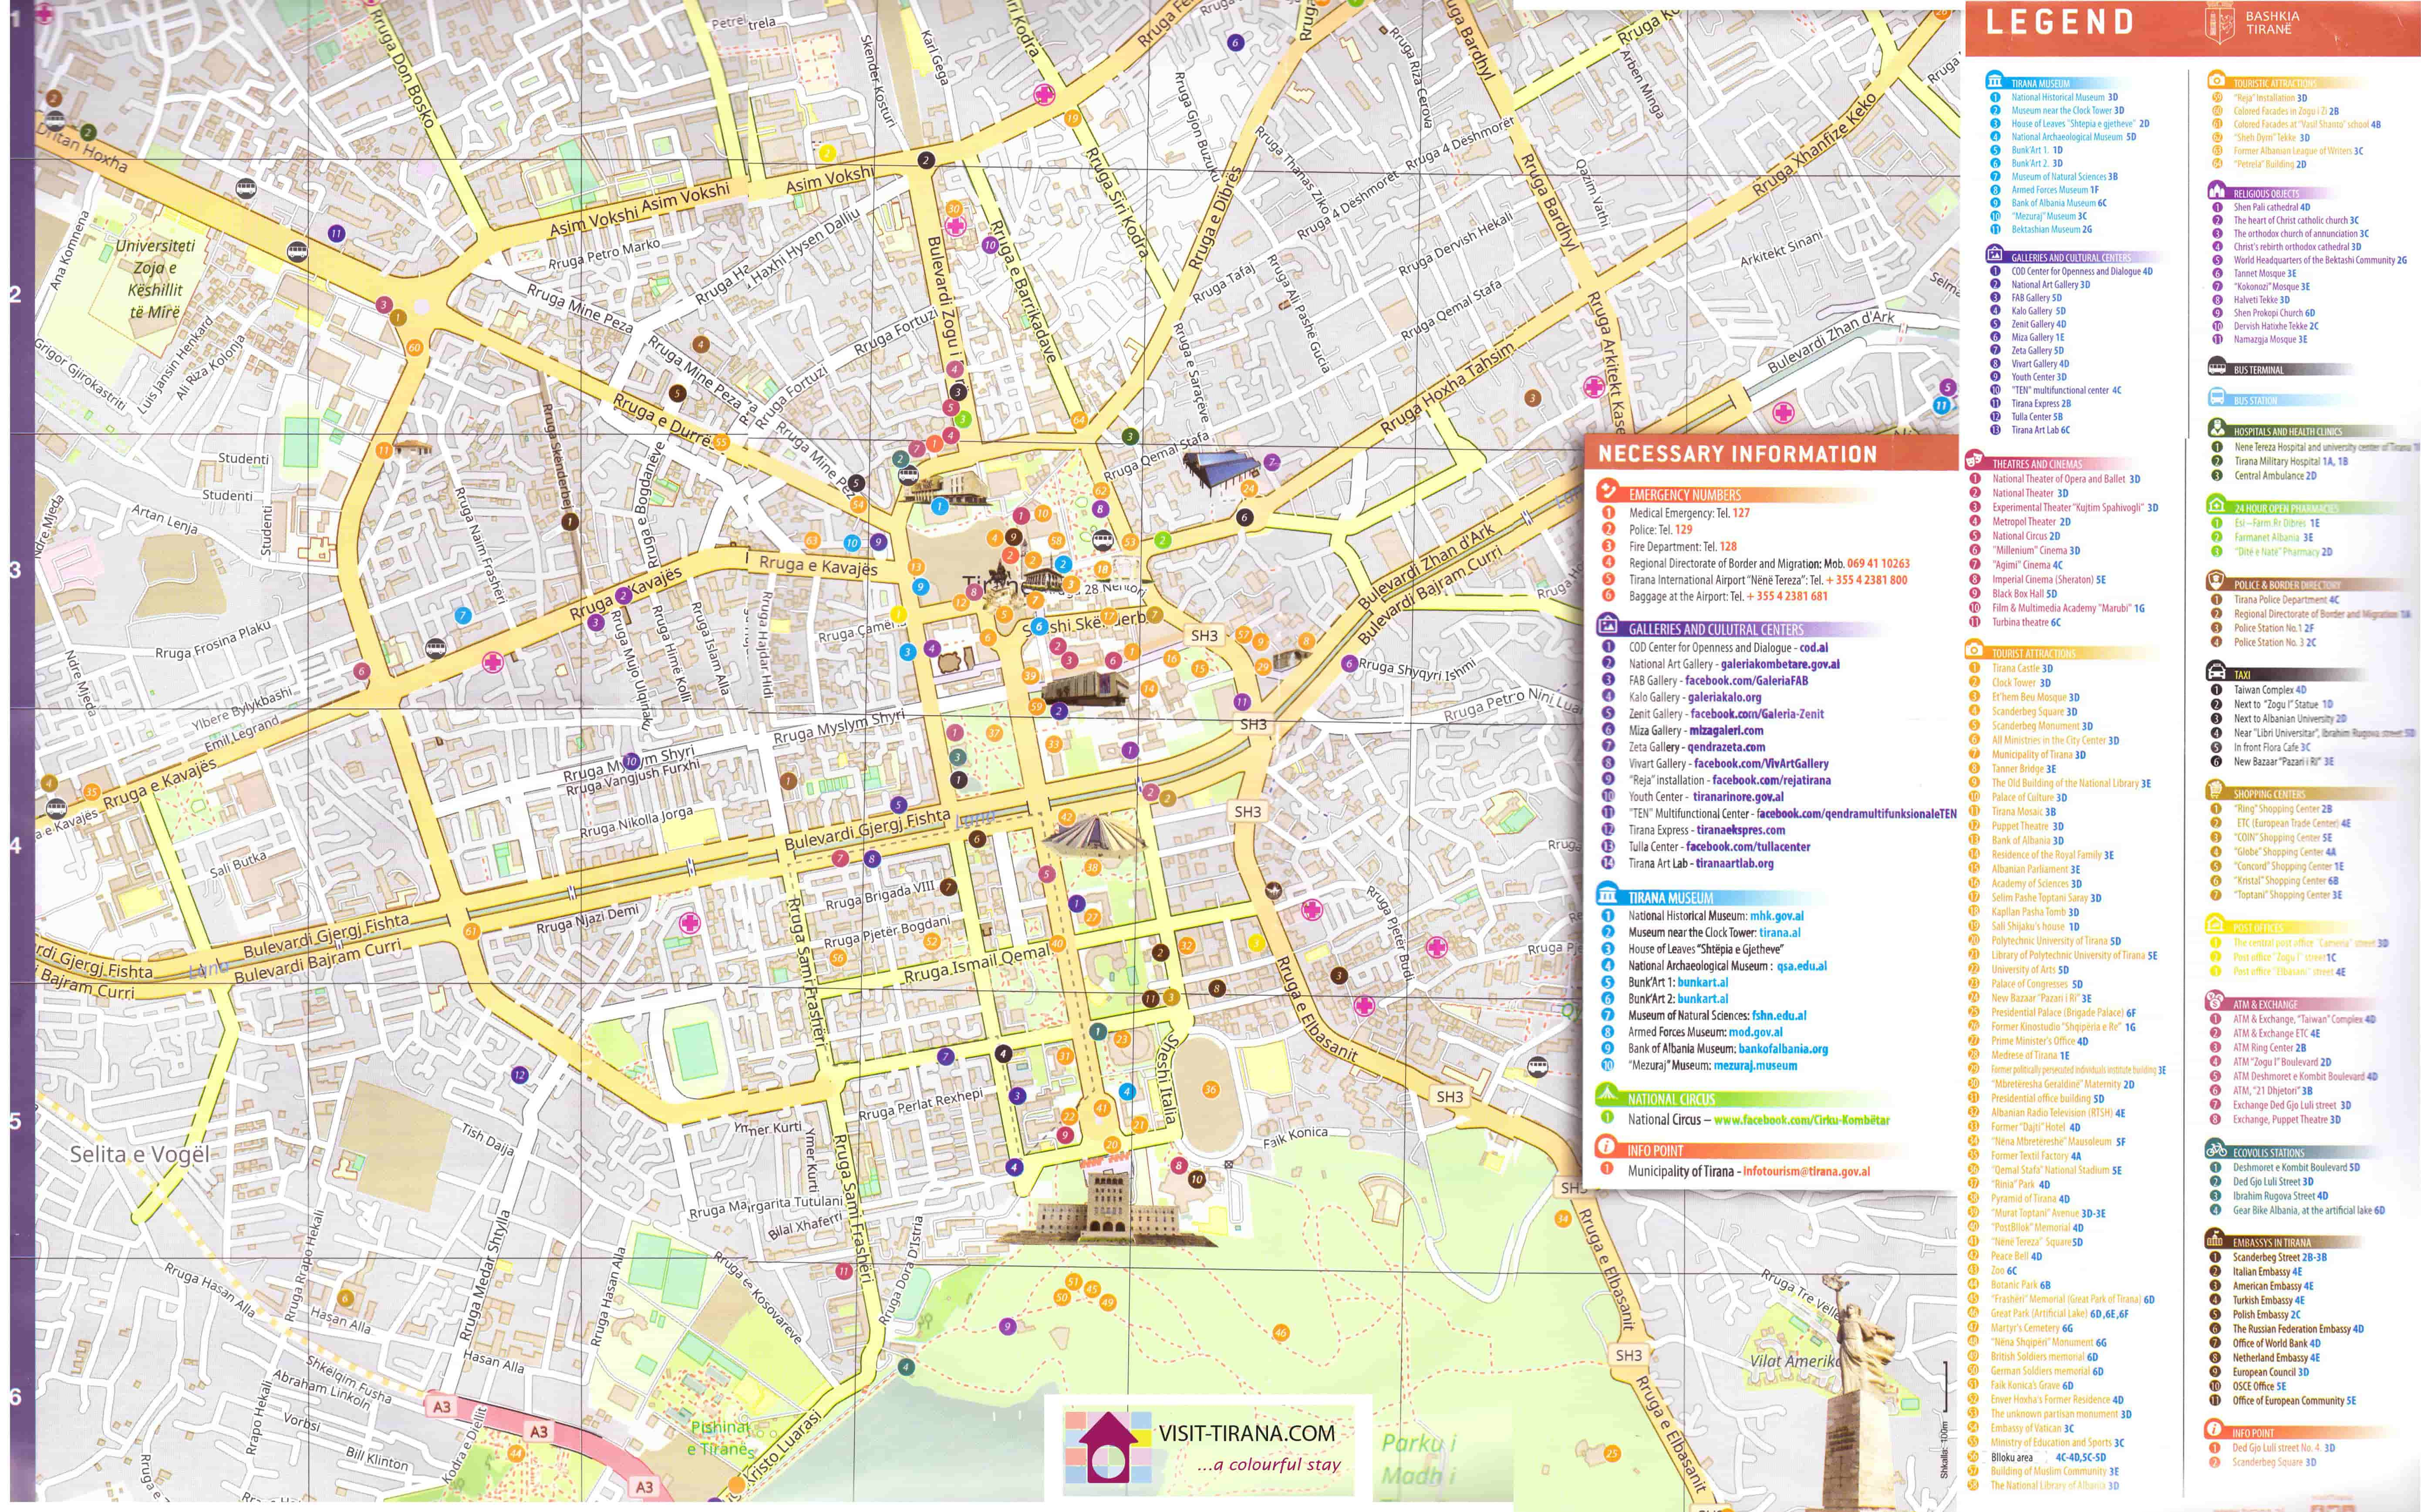 Tirana Map Map of Tirana Tirana places Tirana location